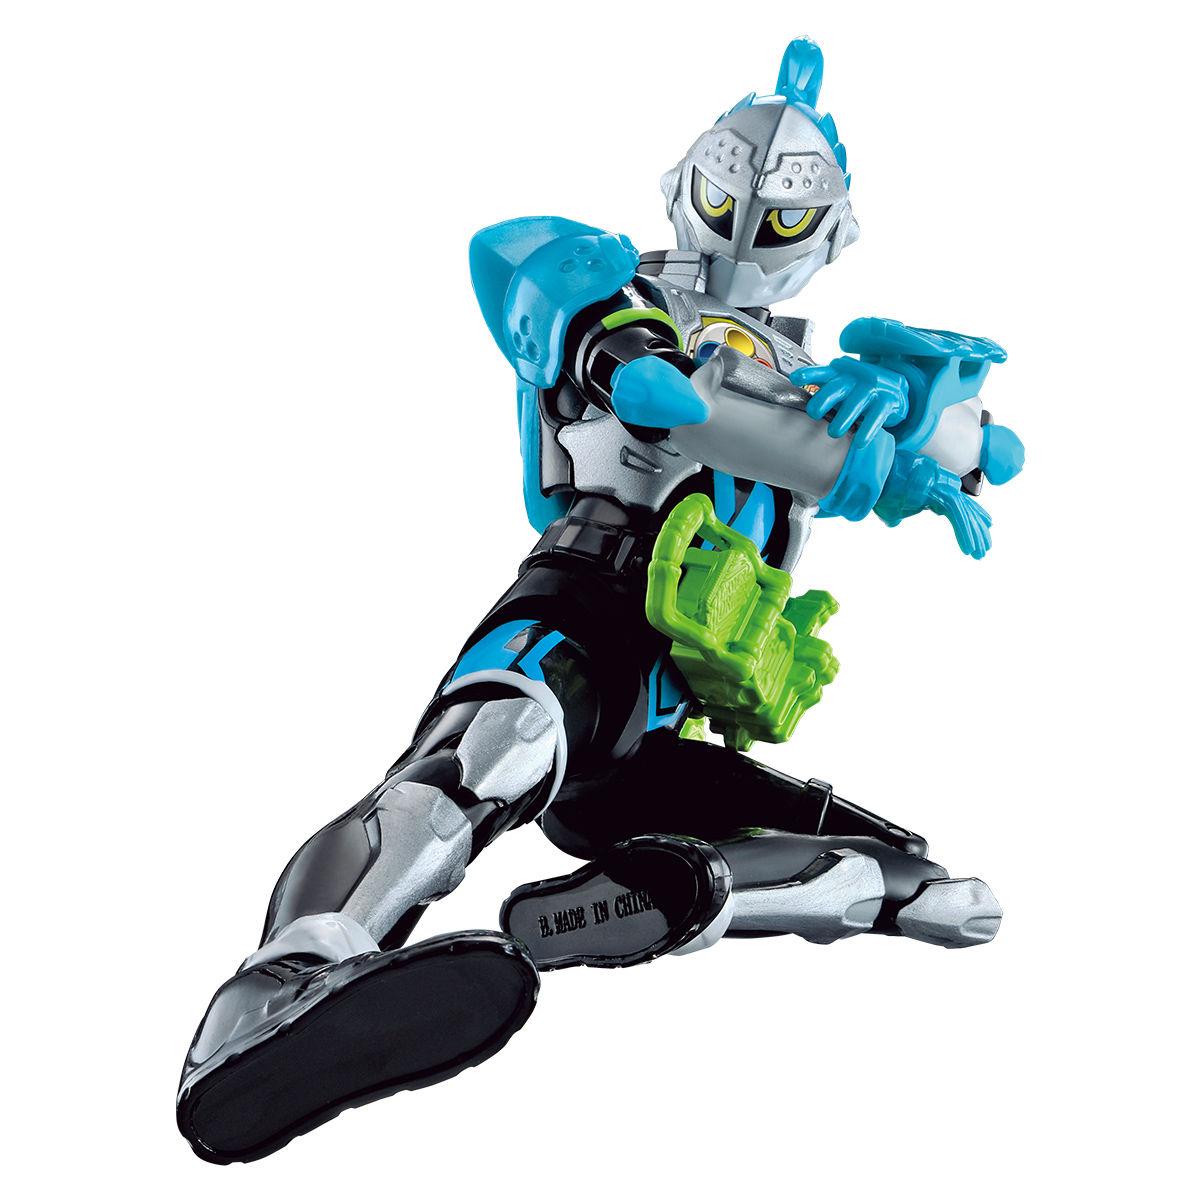 RKFレジェンドライダーシリーズ『仮面ライダーブレイブ クエストゲーマーレベル2』可動フィギュア-003